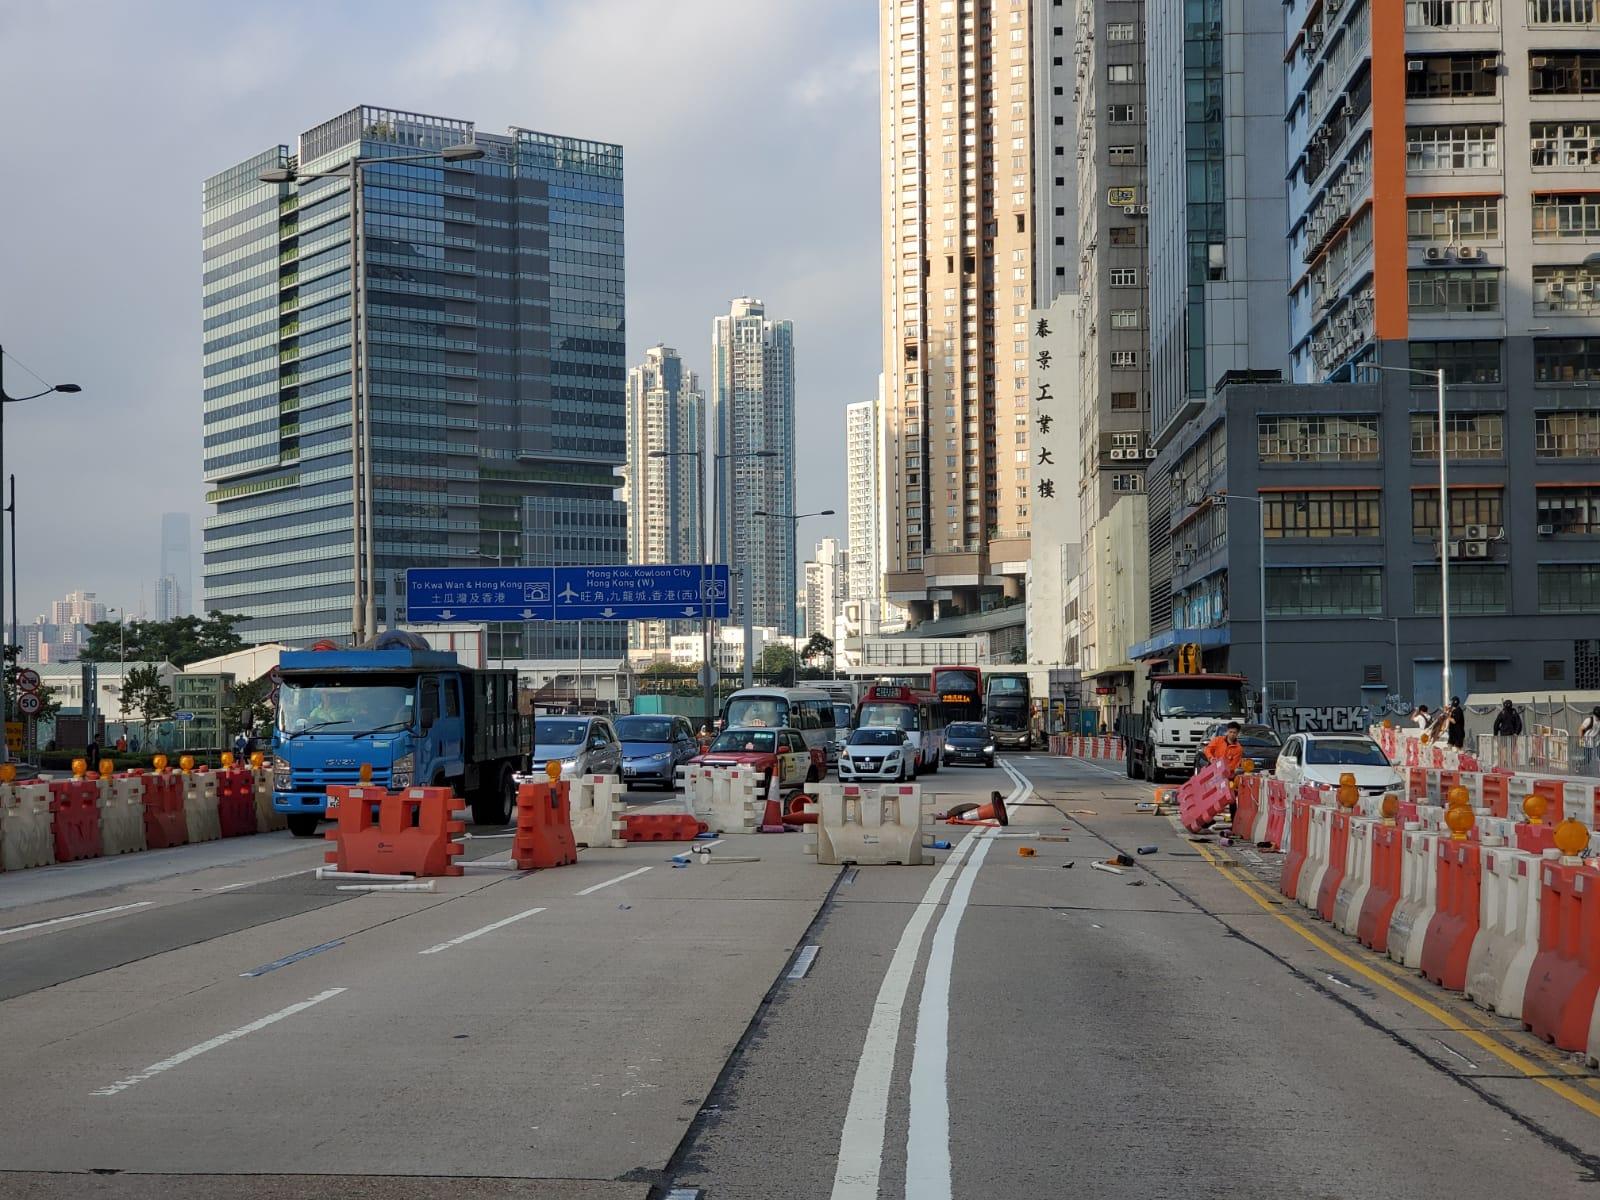 太子道東往觀塘方向有人堵路,交通受阻。